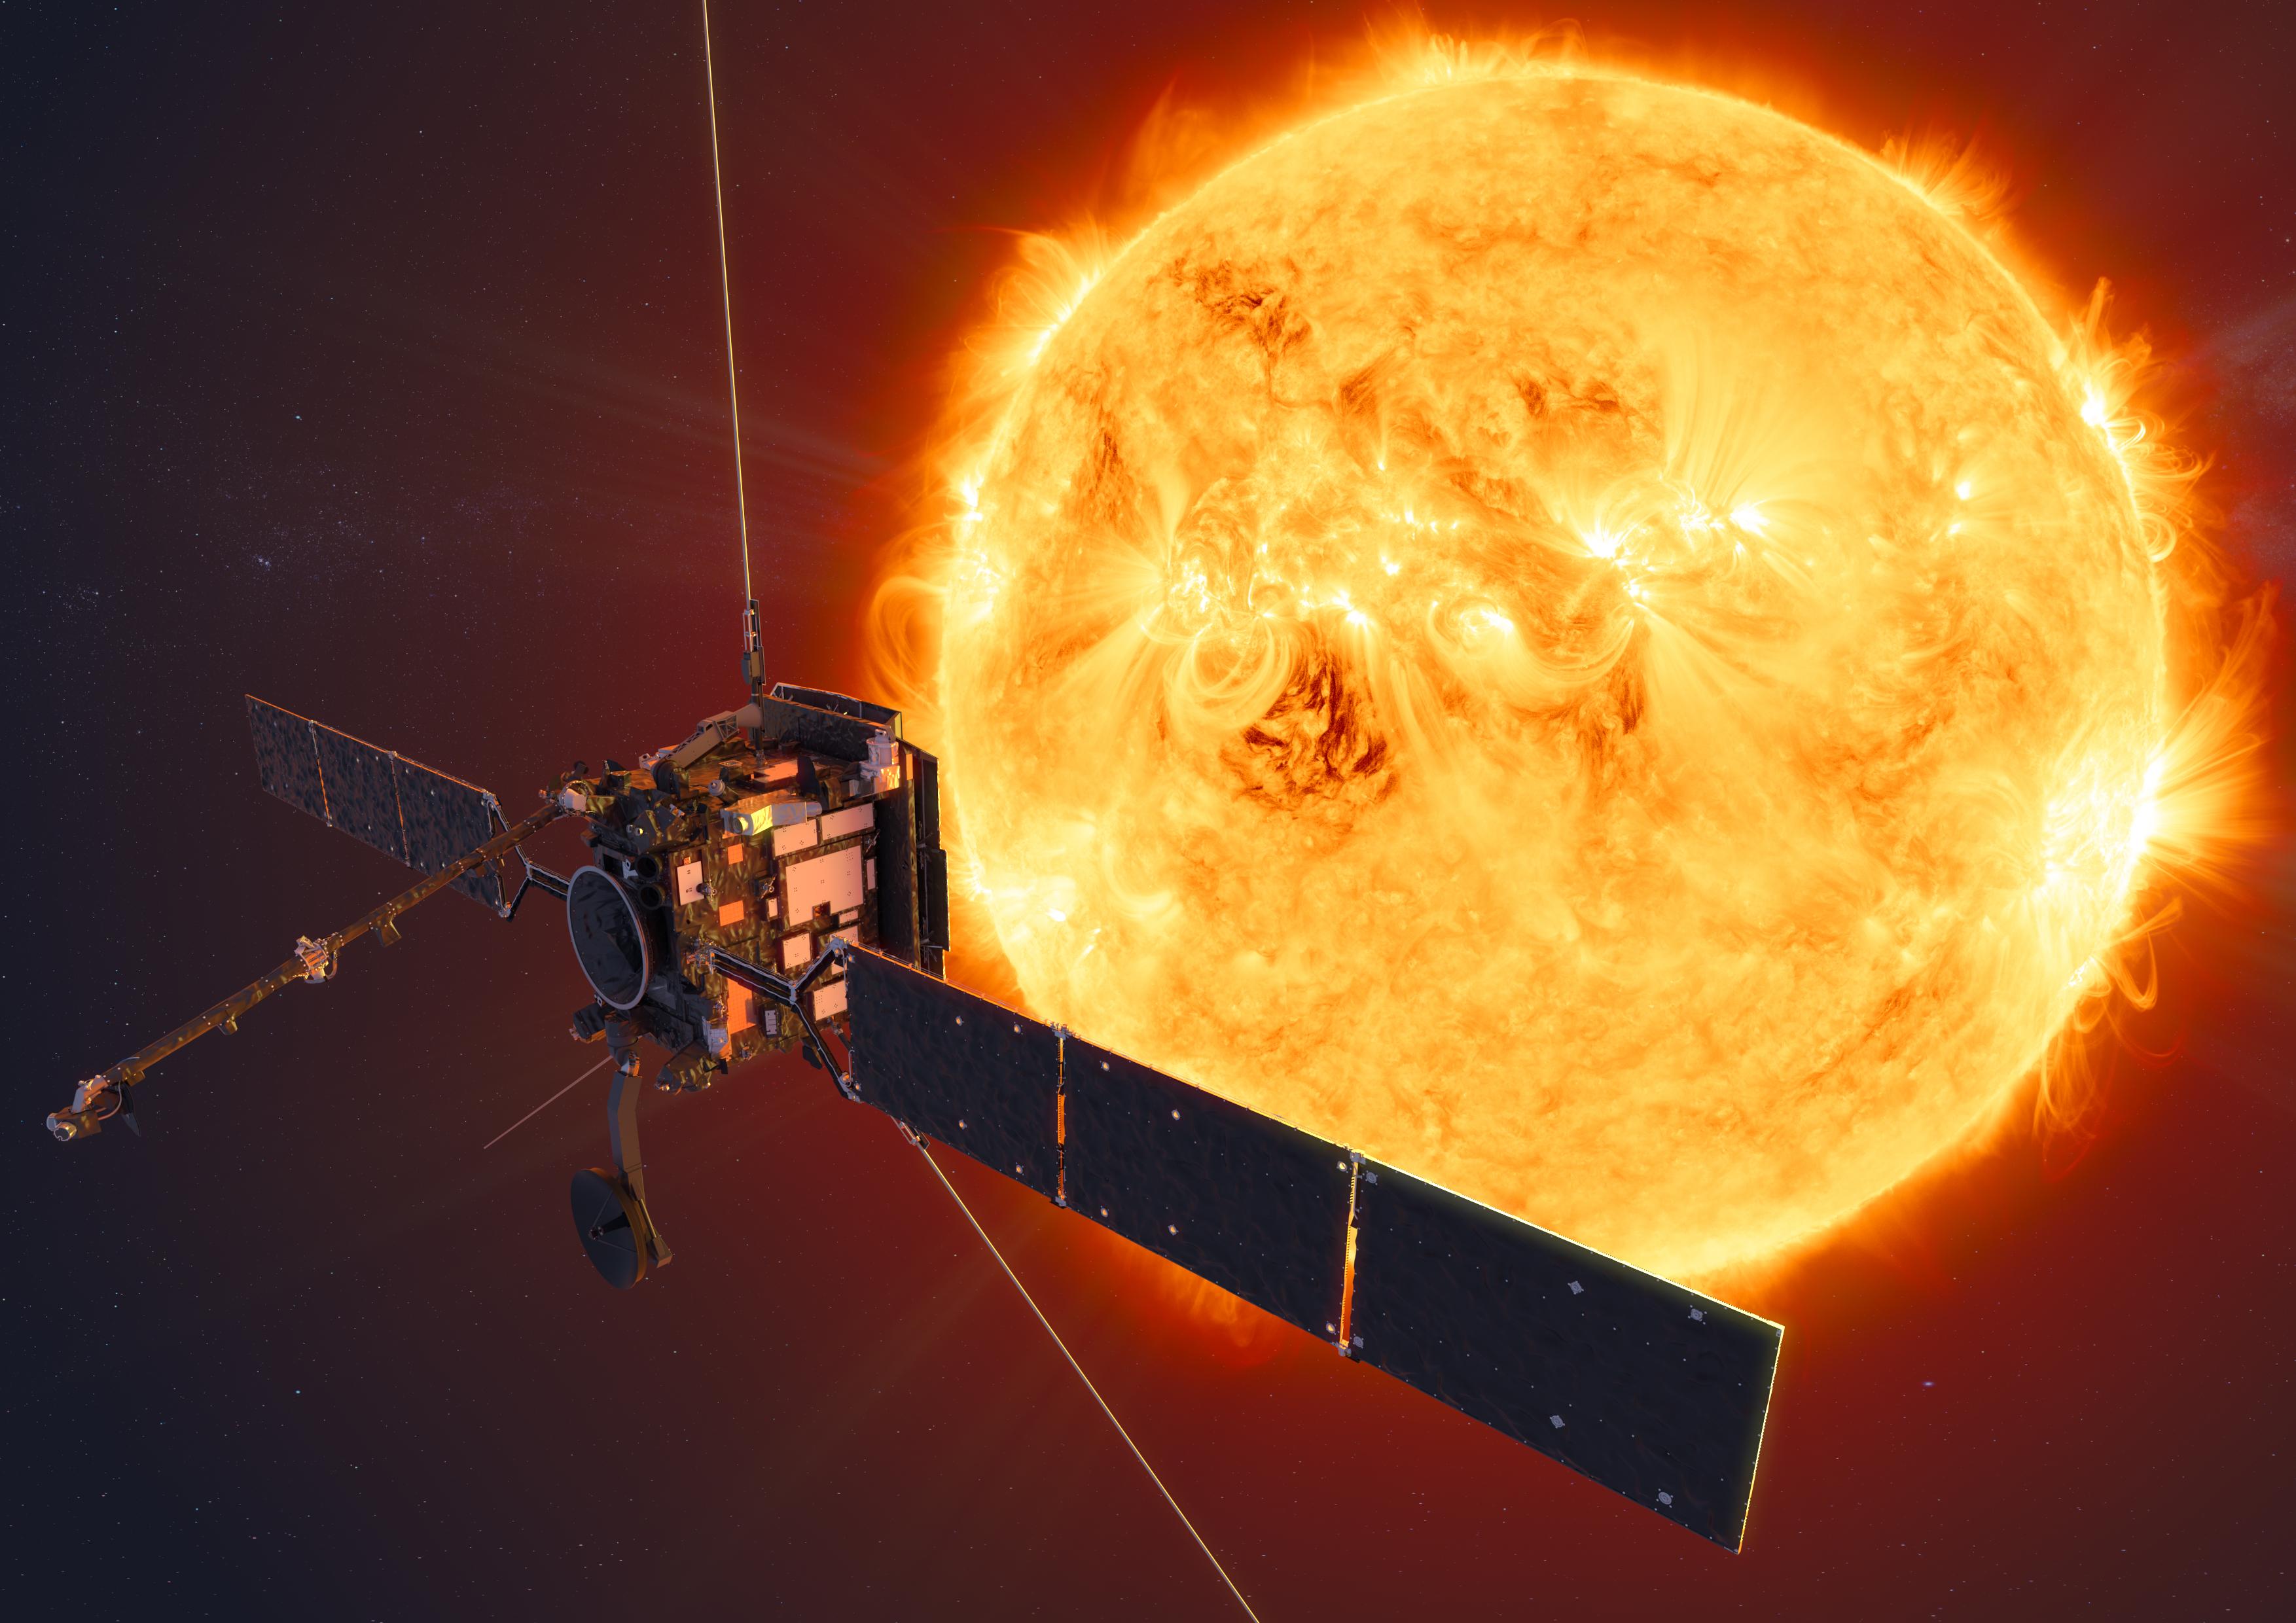 imagen de Concepción artística de la misión Solar Orbiter (ESA/ATG medialab)